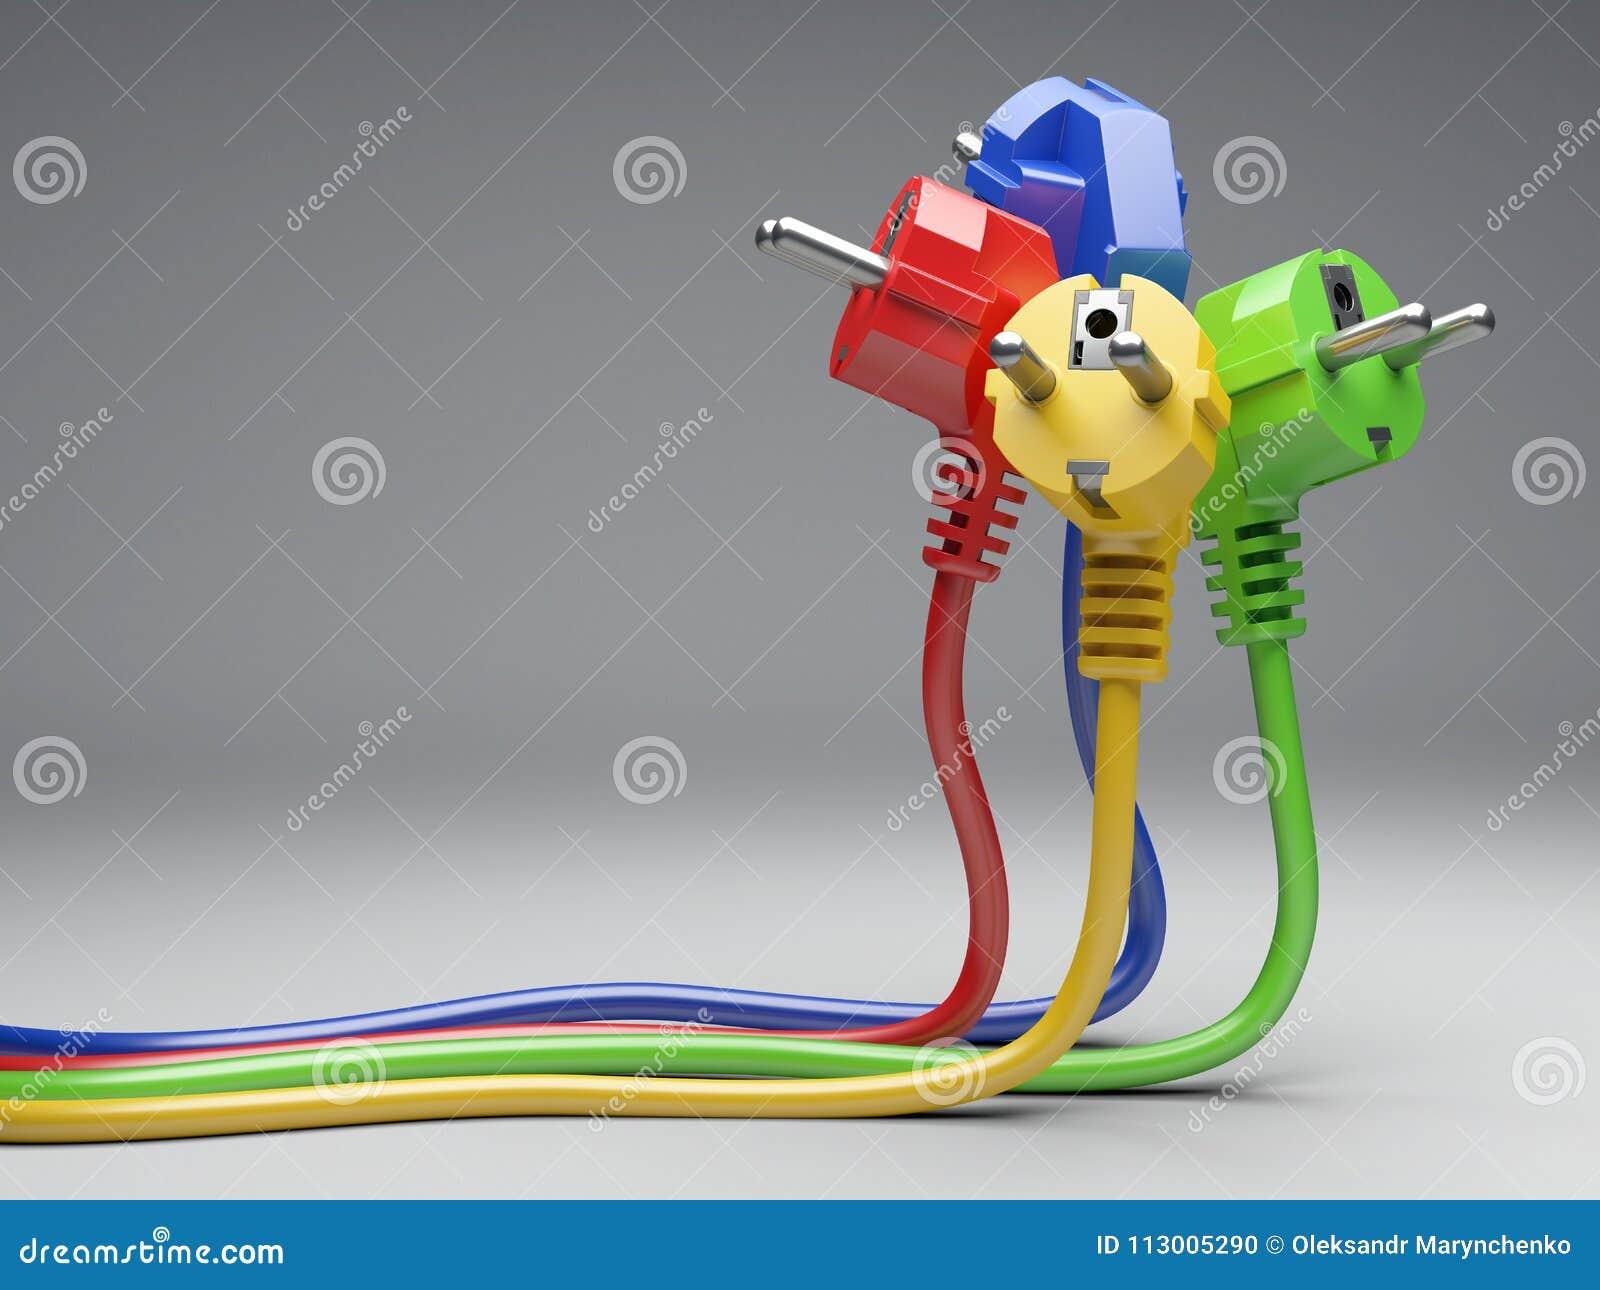 Ηλεκτρικό βούλωμα χρώματος ομάδας με τα μακριά καλώδια